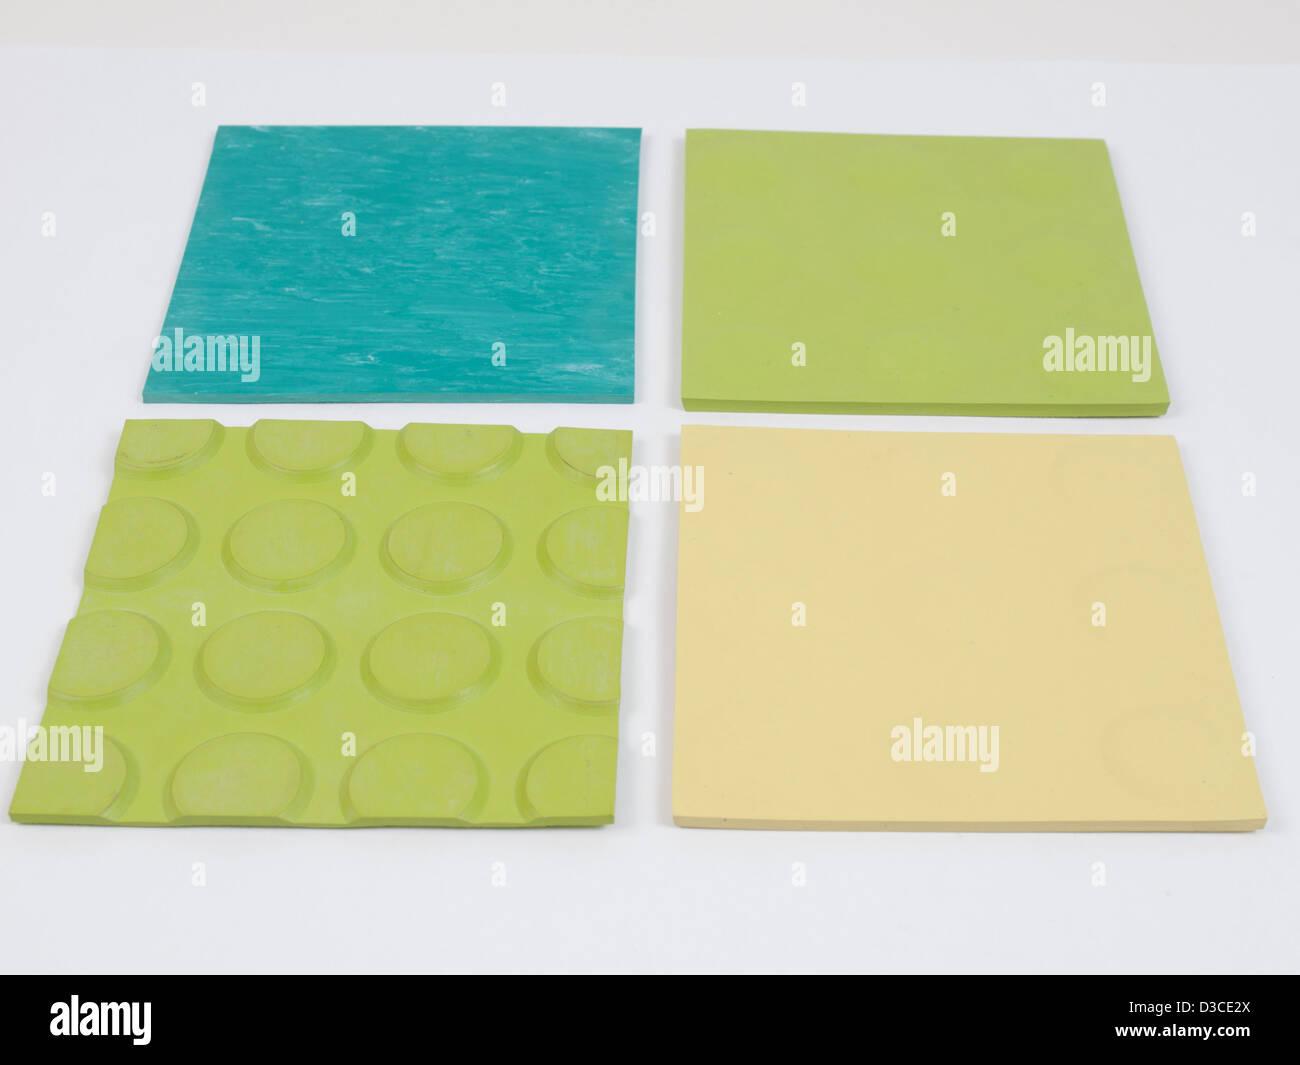 Linoleum Floor Stock Photos & Linoleum Floor Stock Images - Alamy